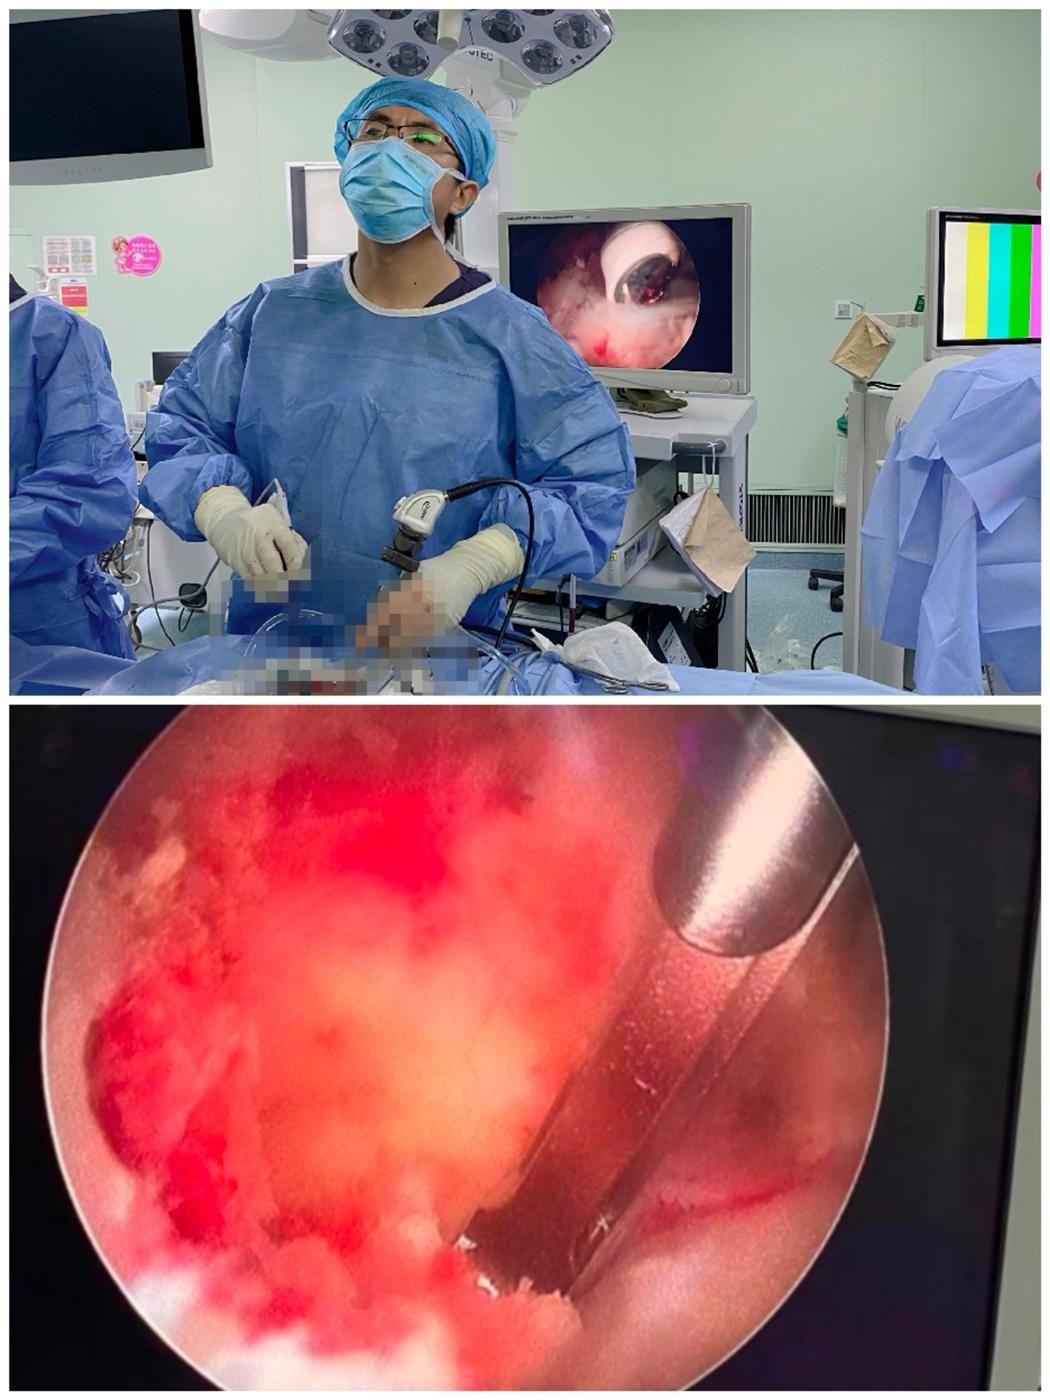 脊柱外科团队完成院内首例ULIF腰椎微创手术